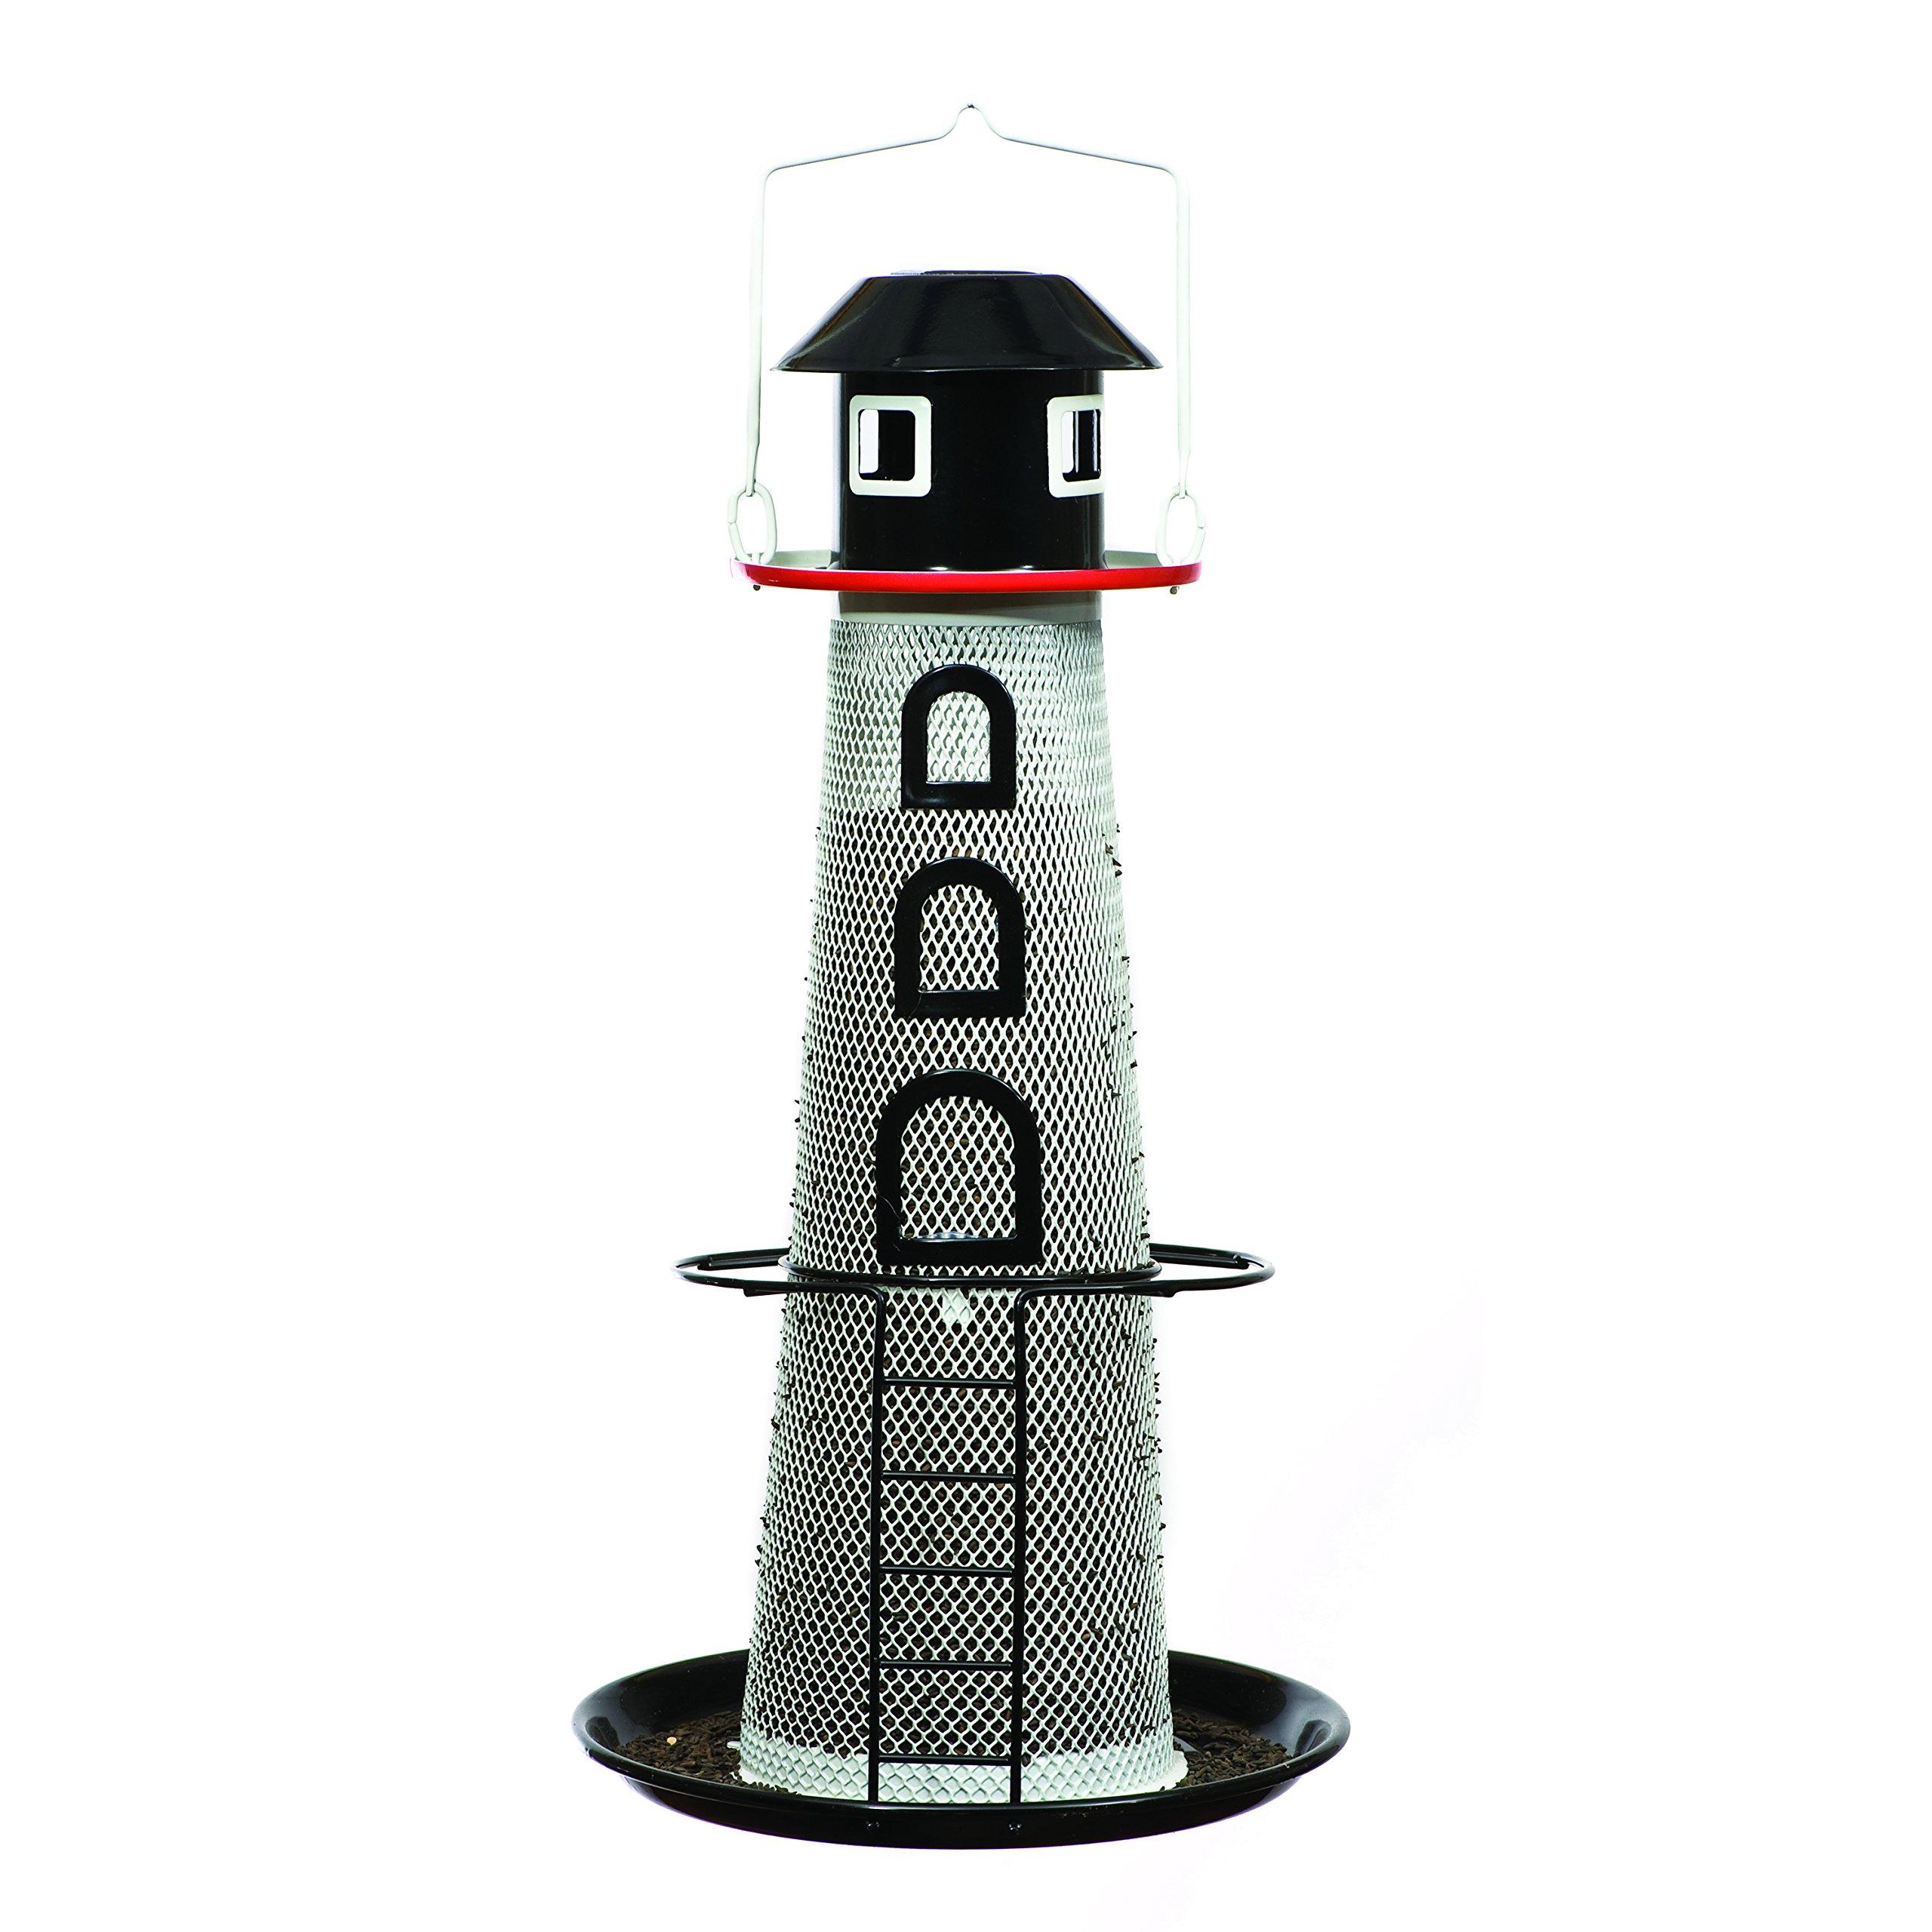 Perky-Pet No/No Solar Lighthouse Finch Bird Feeder